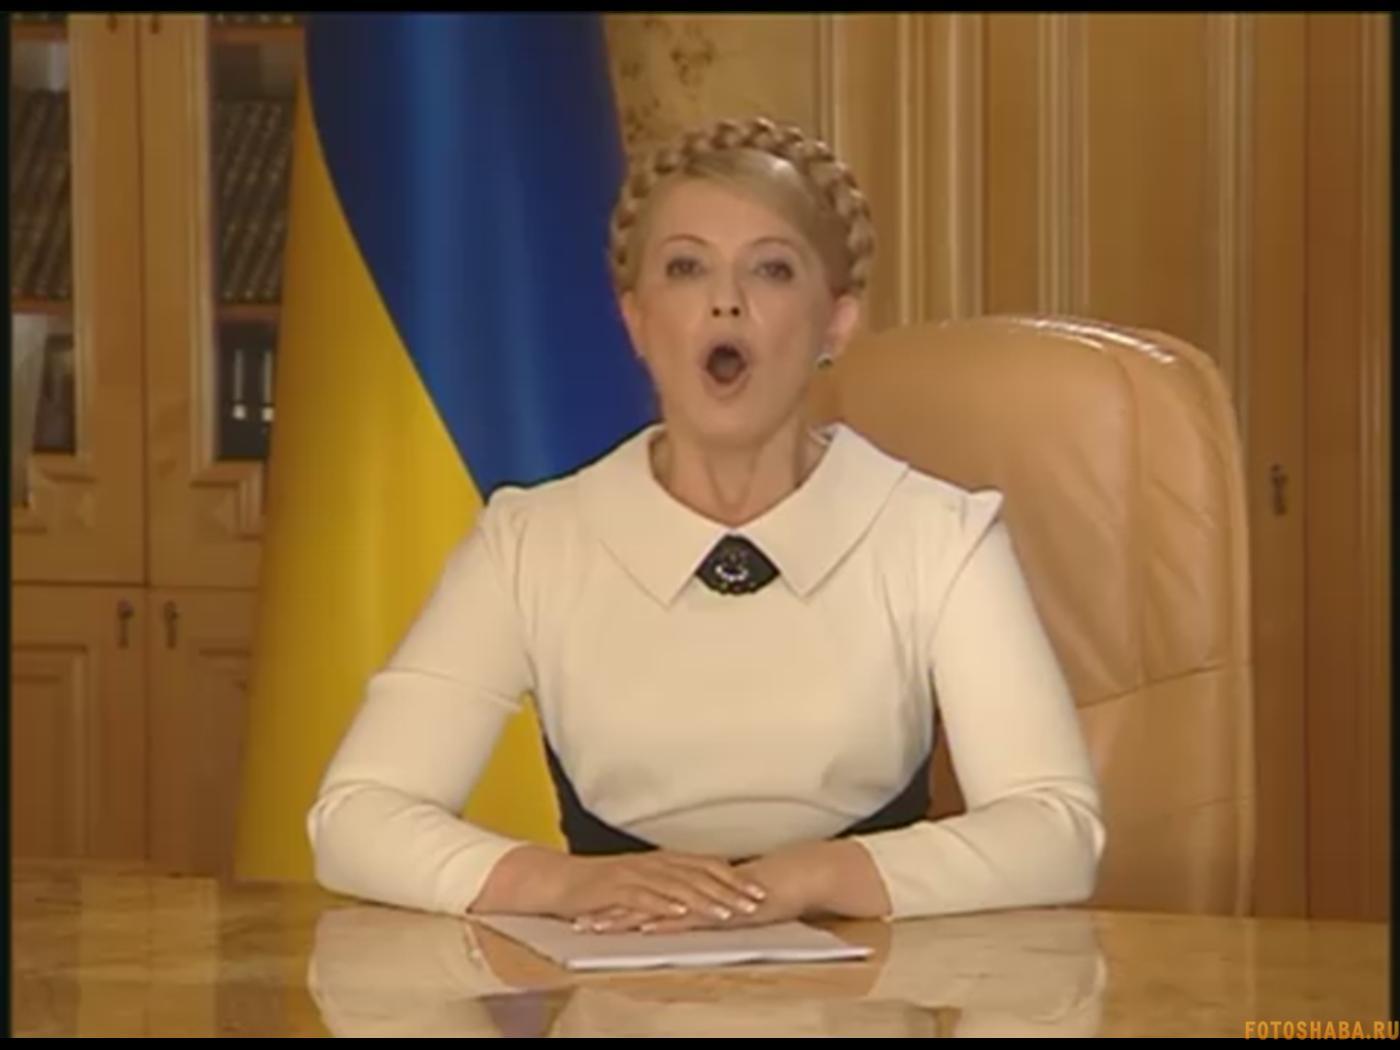 Тимошенко пикантное фото 6 фотография